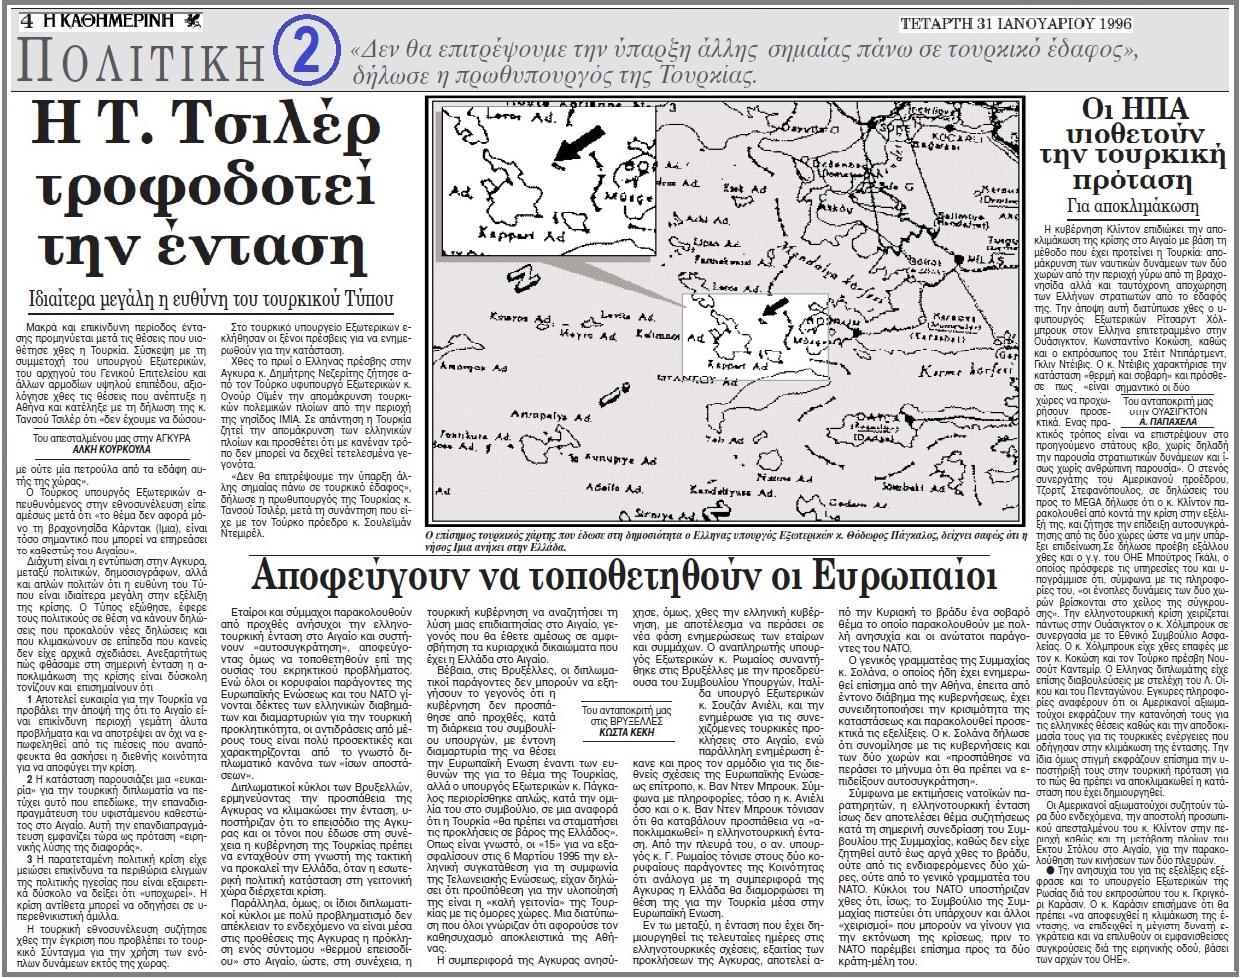 ΙΜΙΑ 1996 -ΚΑΘΗΜΕΡΙΝΗ 2